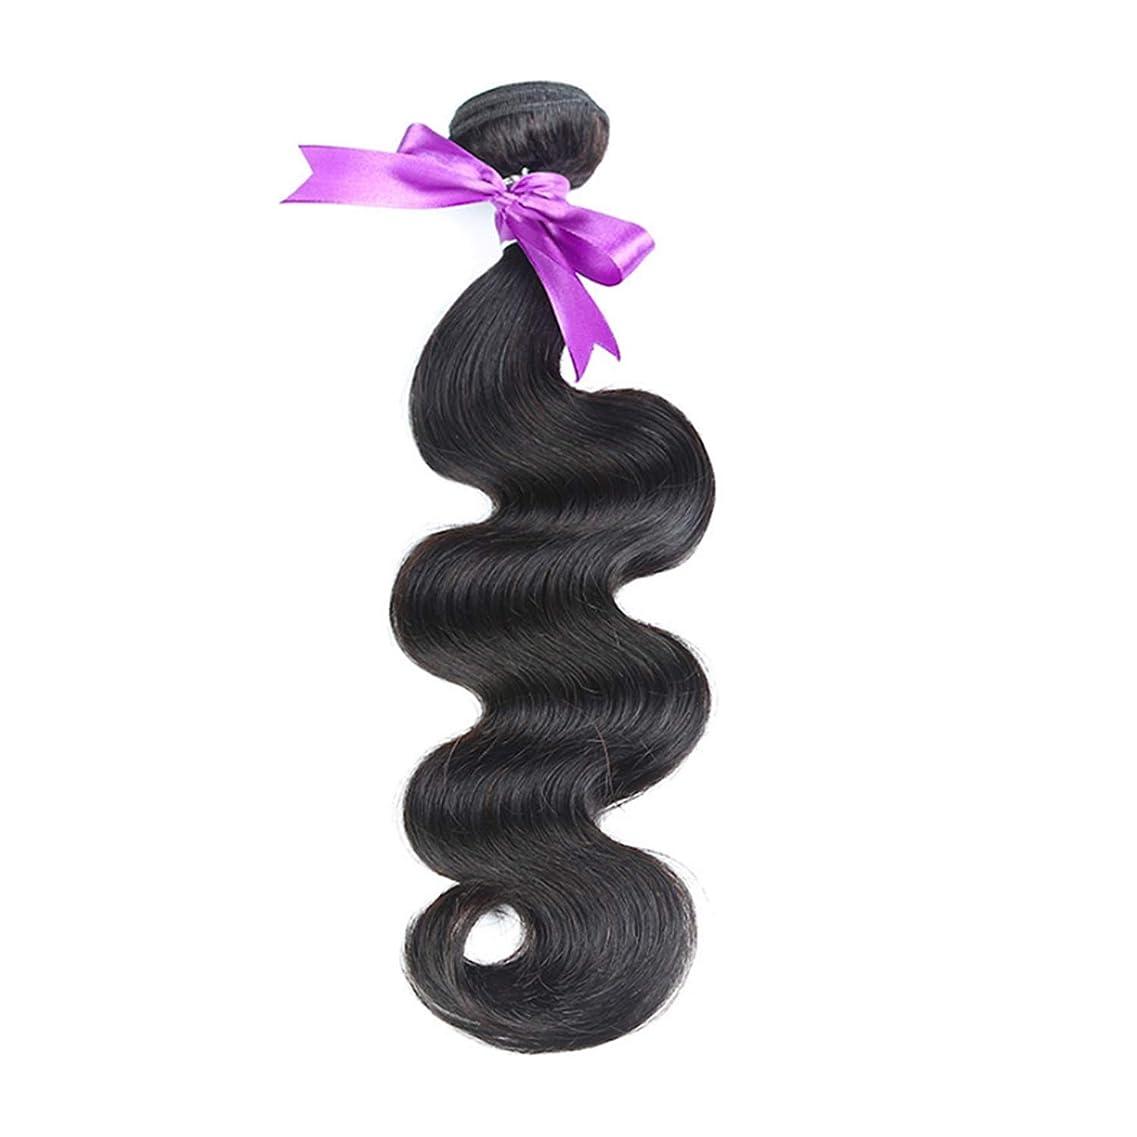 大通りダム知っているに立ち寄るマレーシア実体波髪の束100%人間の髪の毛の織り方ナチュラルカラー非レミーの髪の毛8-30インチ1個 かつら (Stretched Length : 20inches)